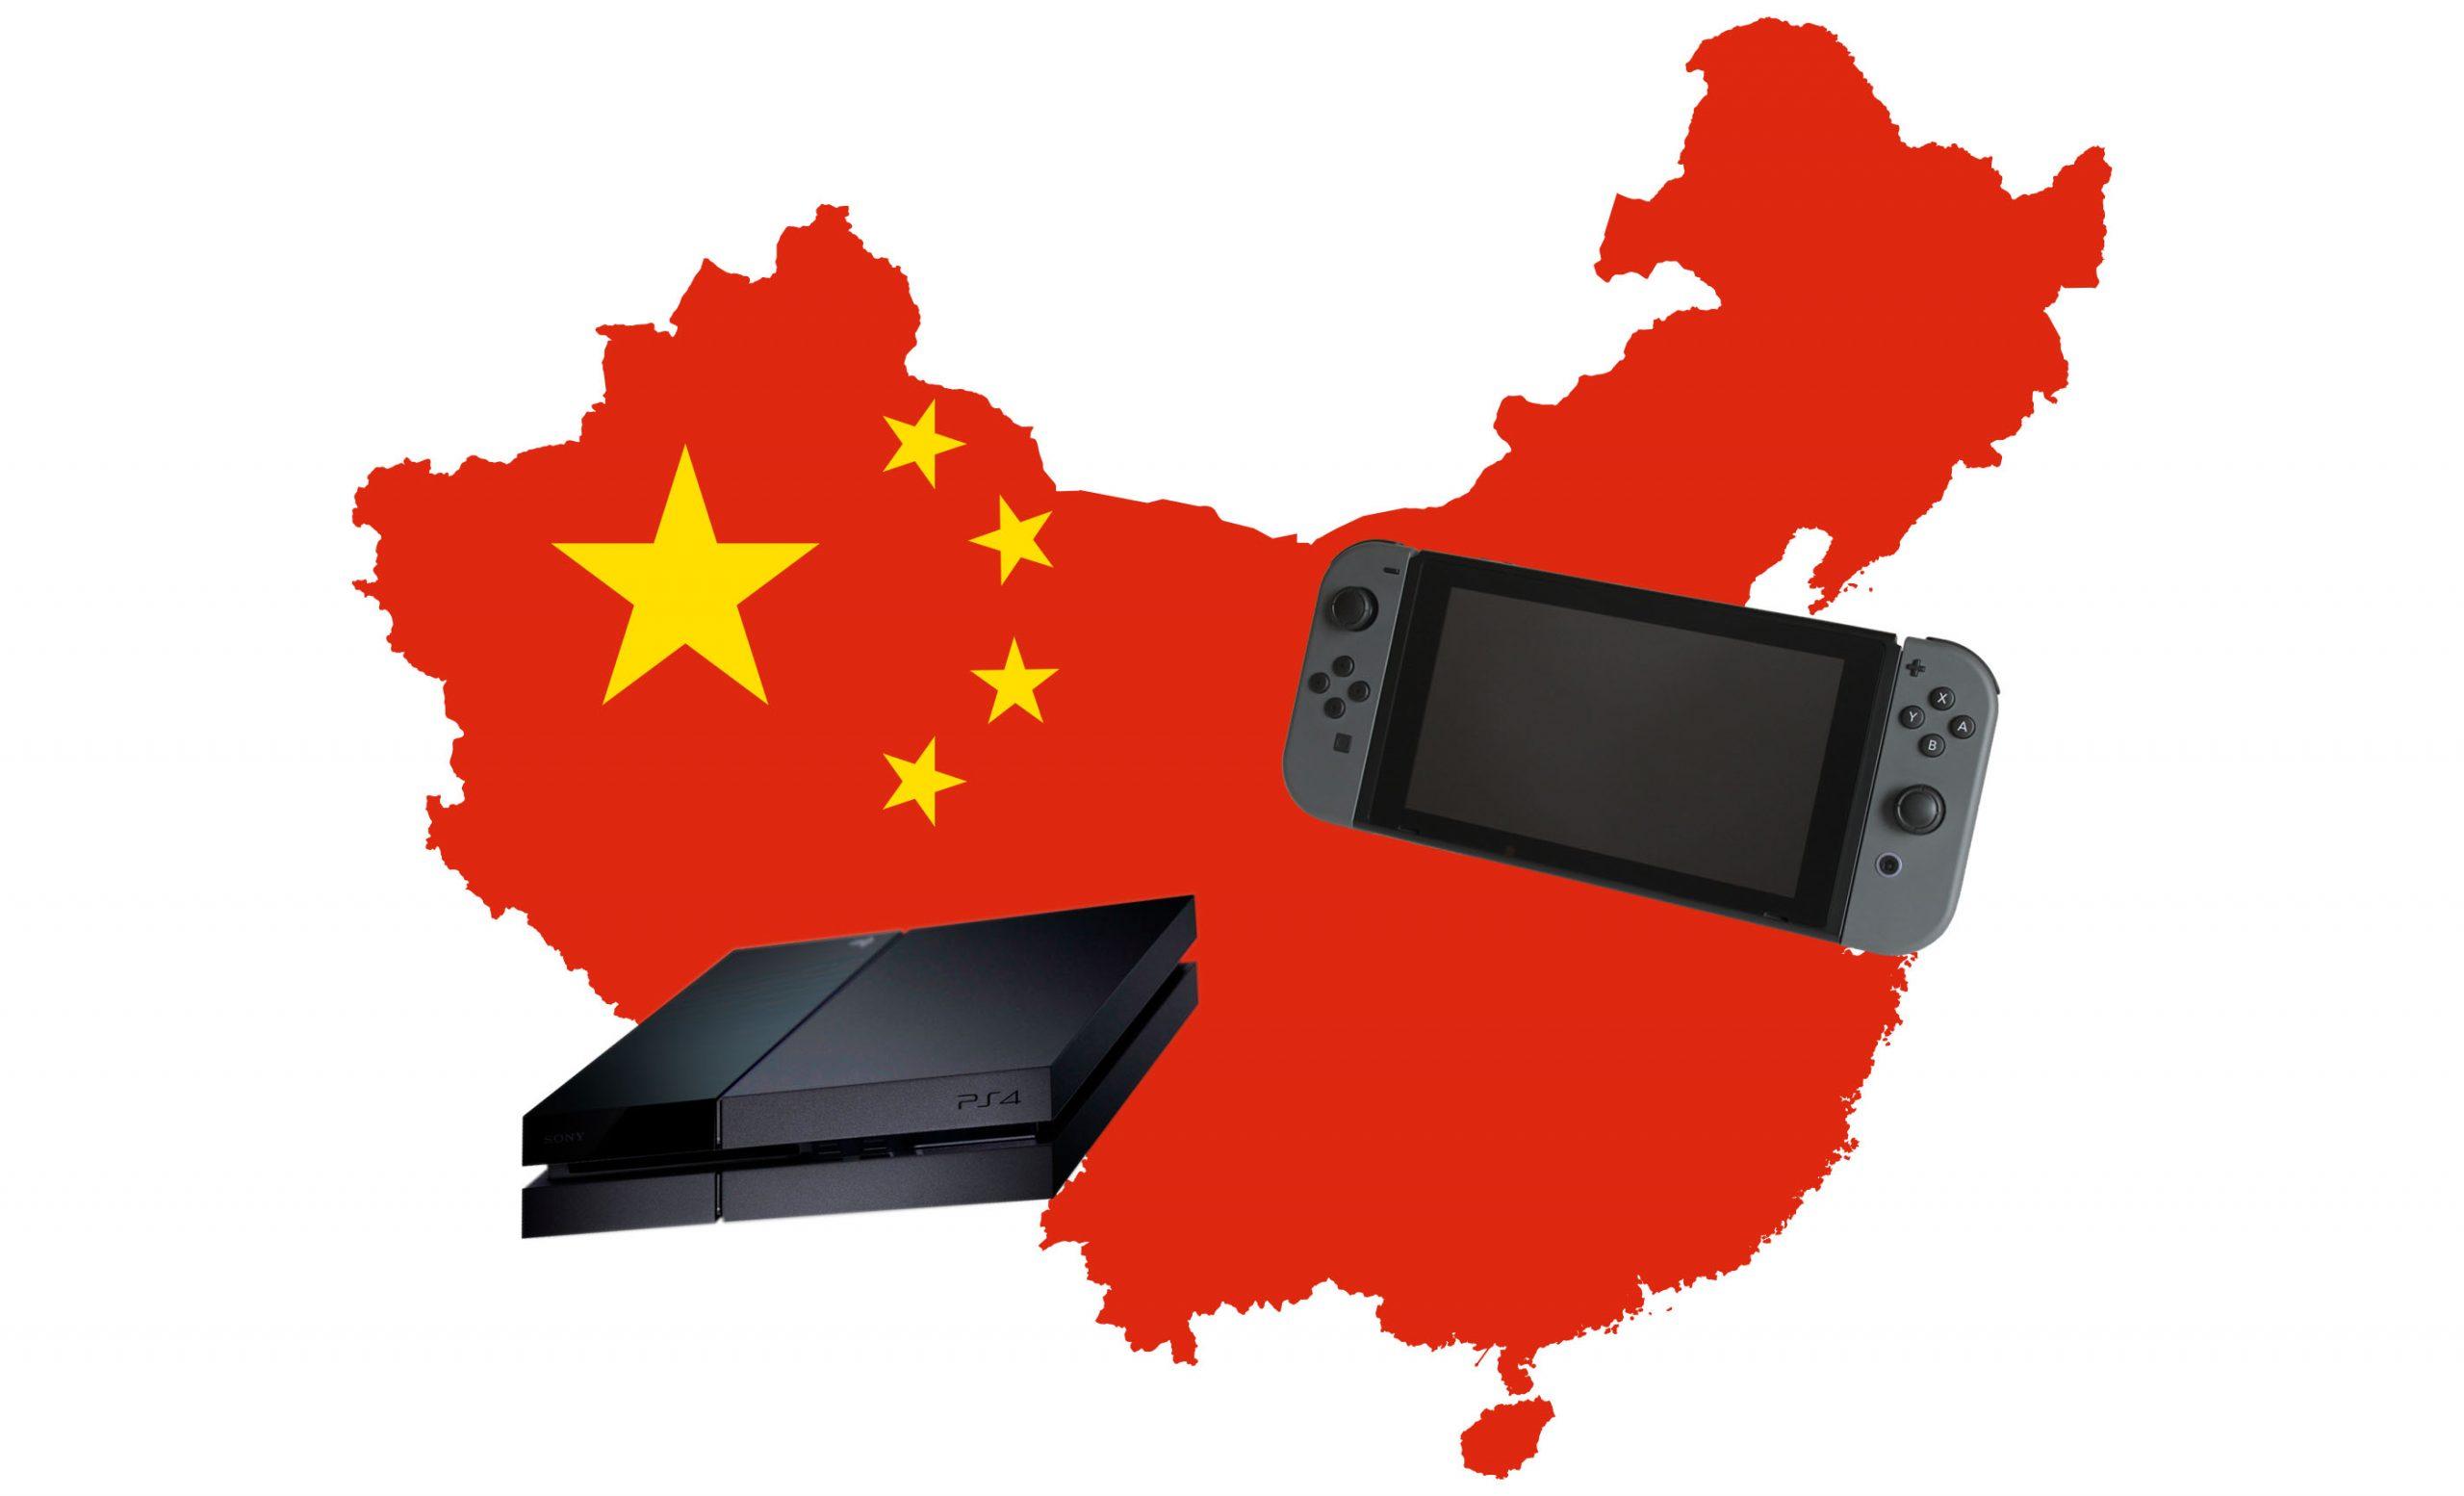 A tarifa proposta pela China de 25% dos EUA incluiria consoles de videogame